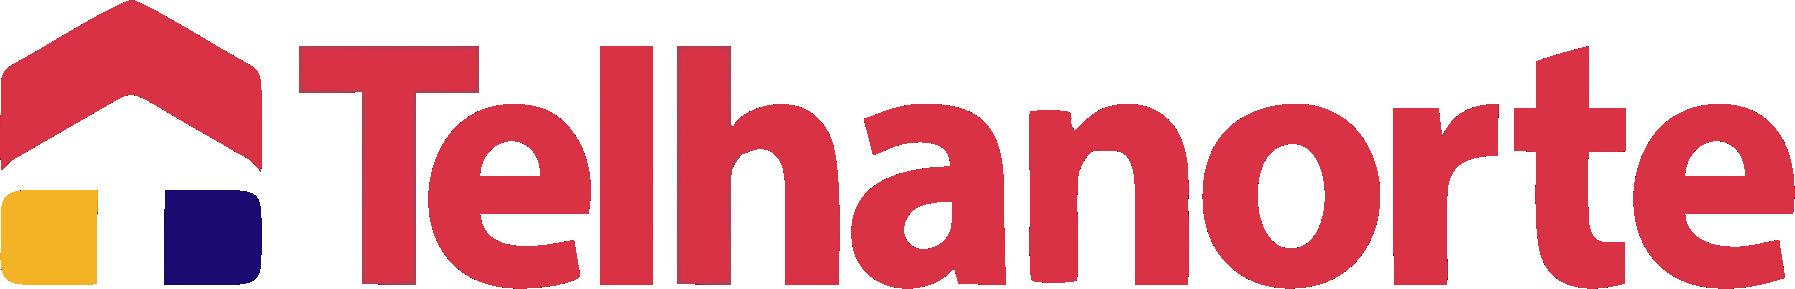 TELHANORTE